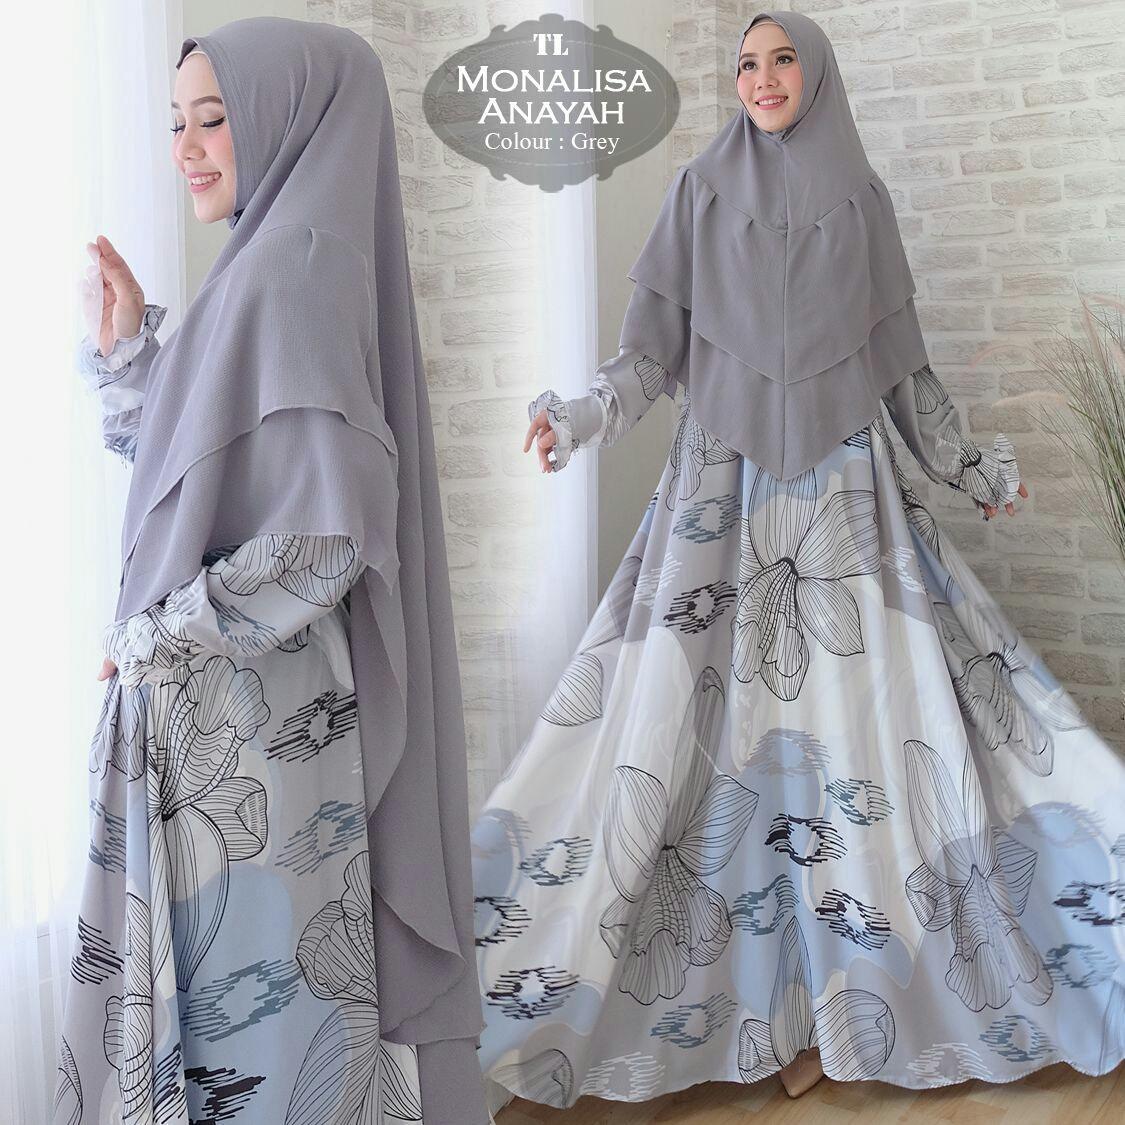 Harga Diskon Trendshopee Atasan Muslimah Wanita Tunik Ribbon Black Humaira99 Gamis Syari Jumbo Muslim Dress Hijab Monalisa Xxl